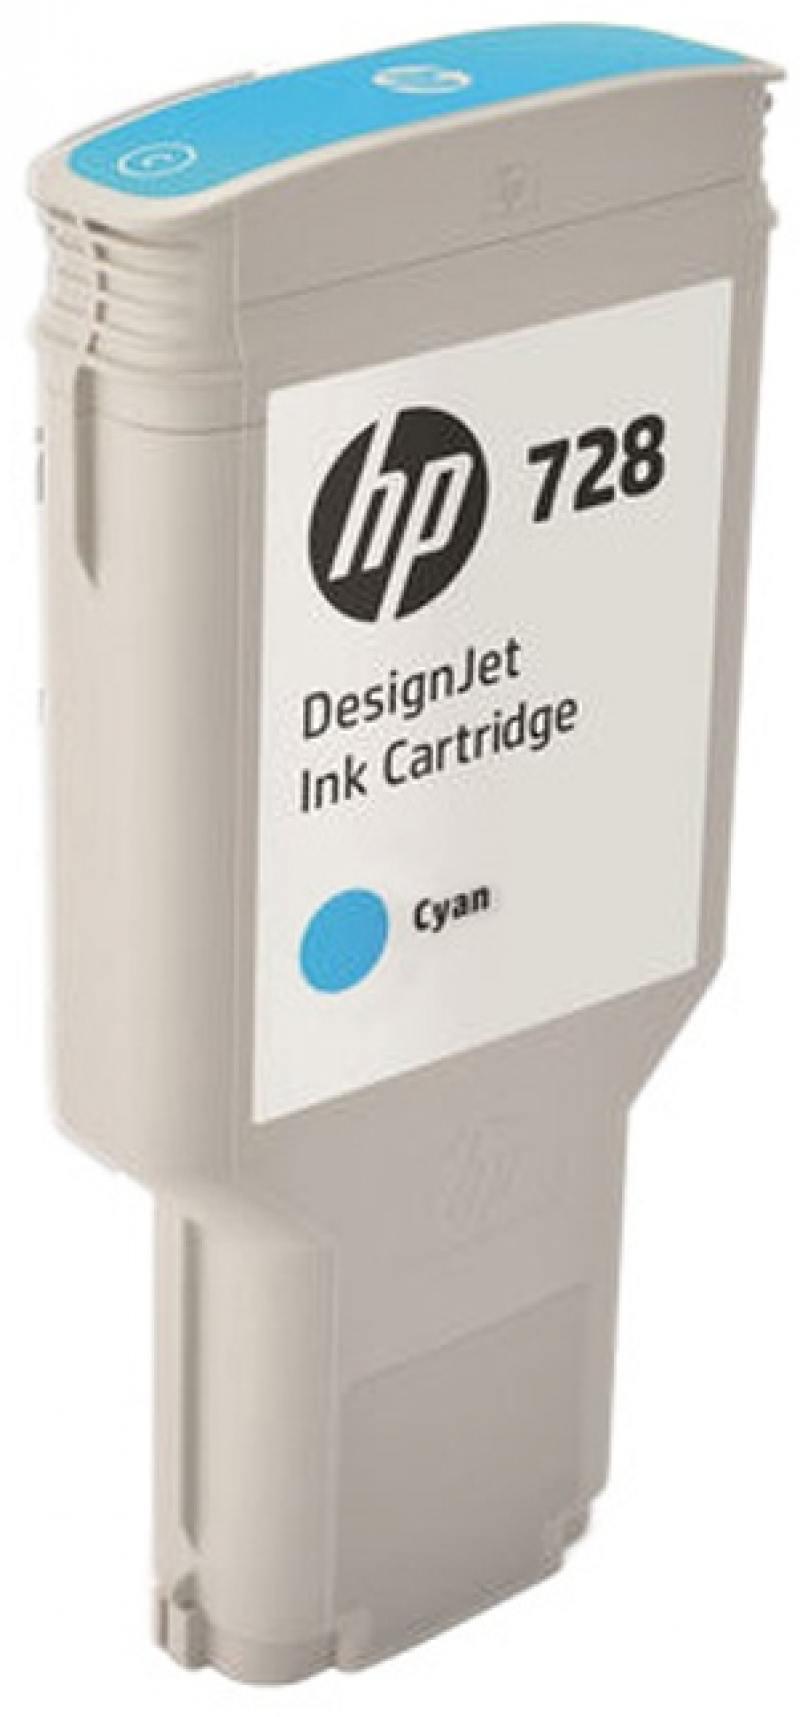 Картридж HP F9K17A (HP 728) для DesignJet T730, T830. Голубой. 300 мл. картридж hp 728 f9j61a yellow 40 мл